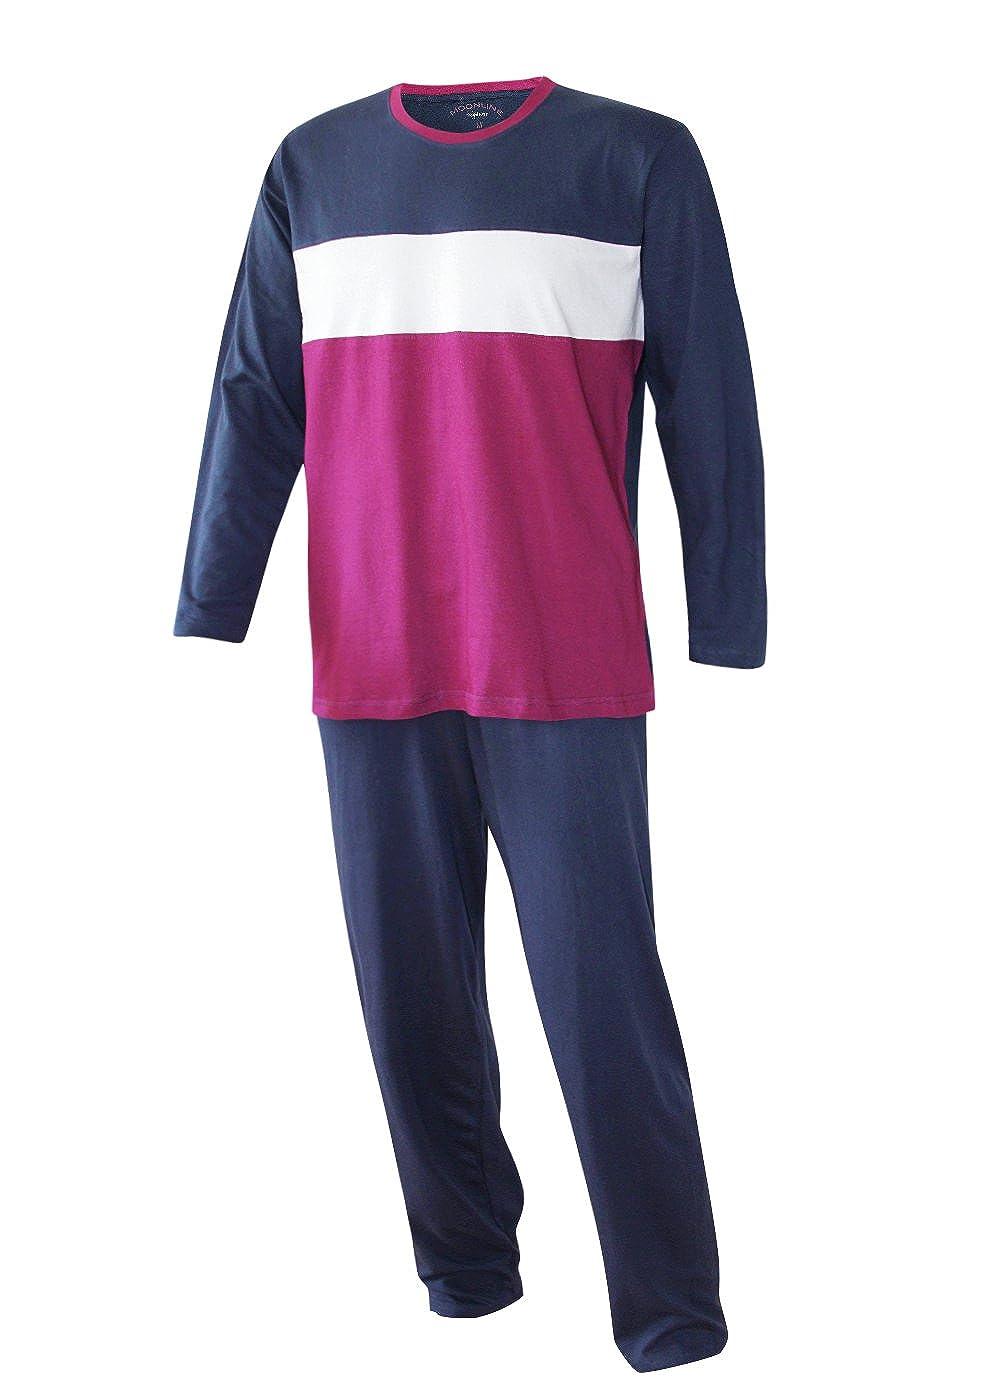 Hochwertiger 2 tlg Damen Schlafanzug Pyjama lang Nachtwäsche Gr.M L NEU